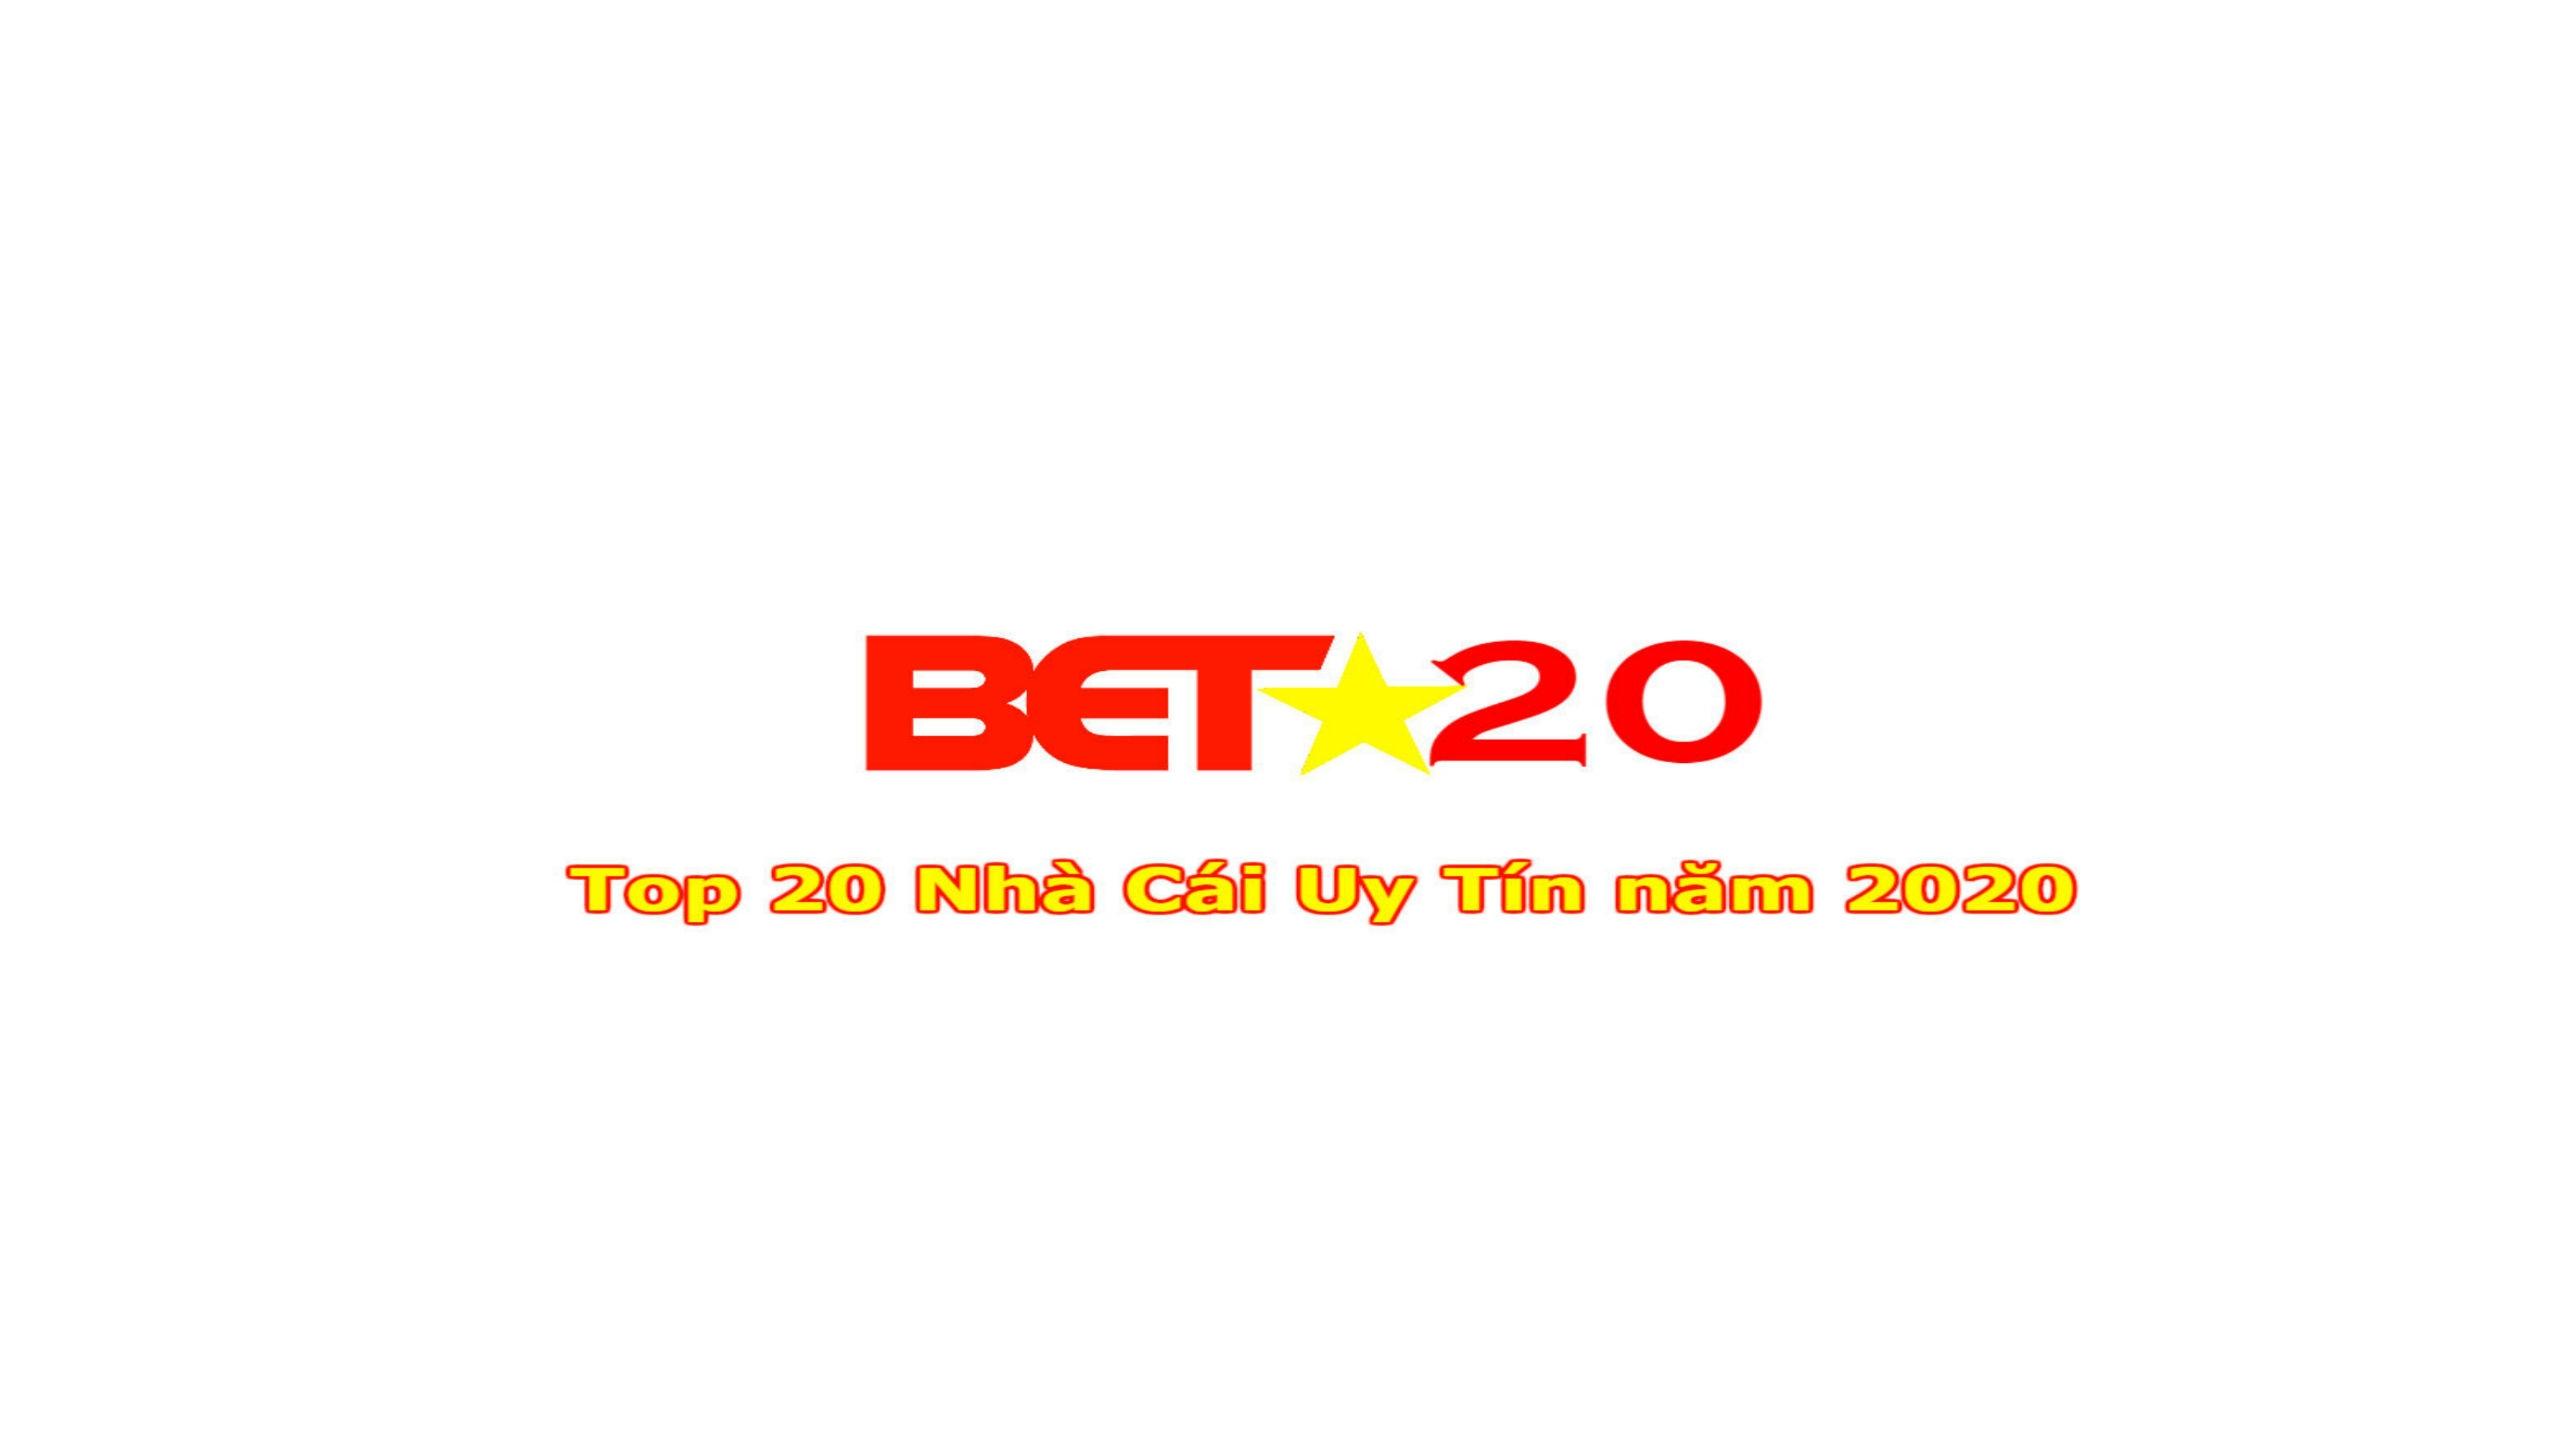 Bet20 Top 20 nhà cái Việt nam (@bet20top) Cover Image